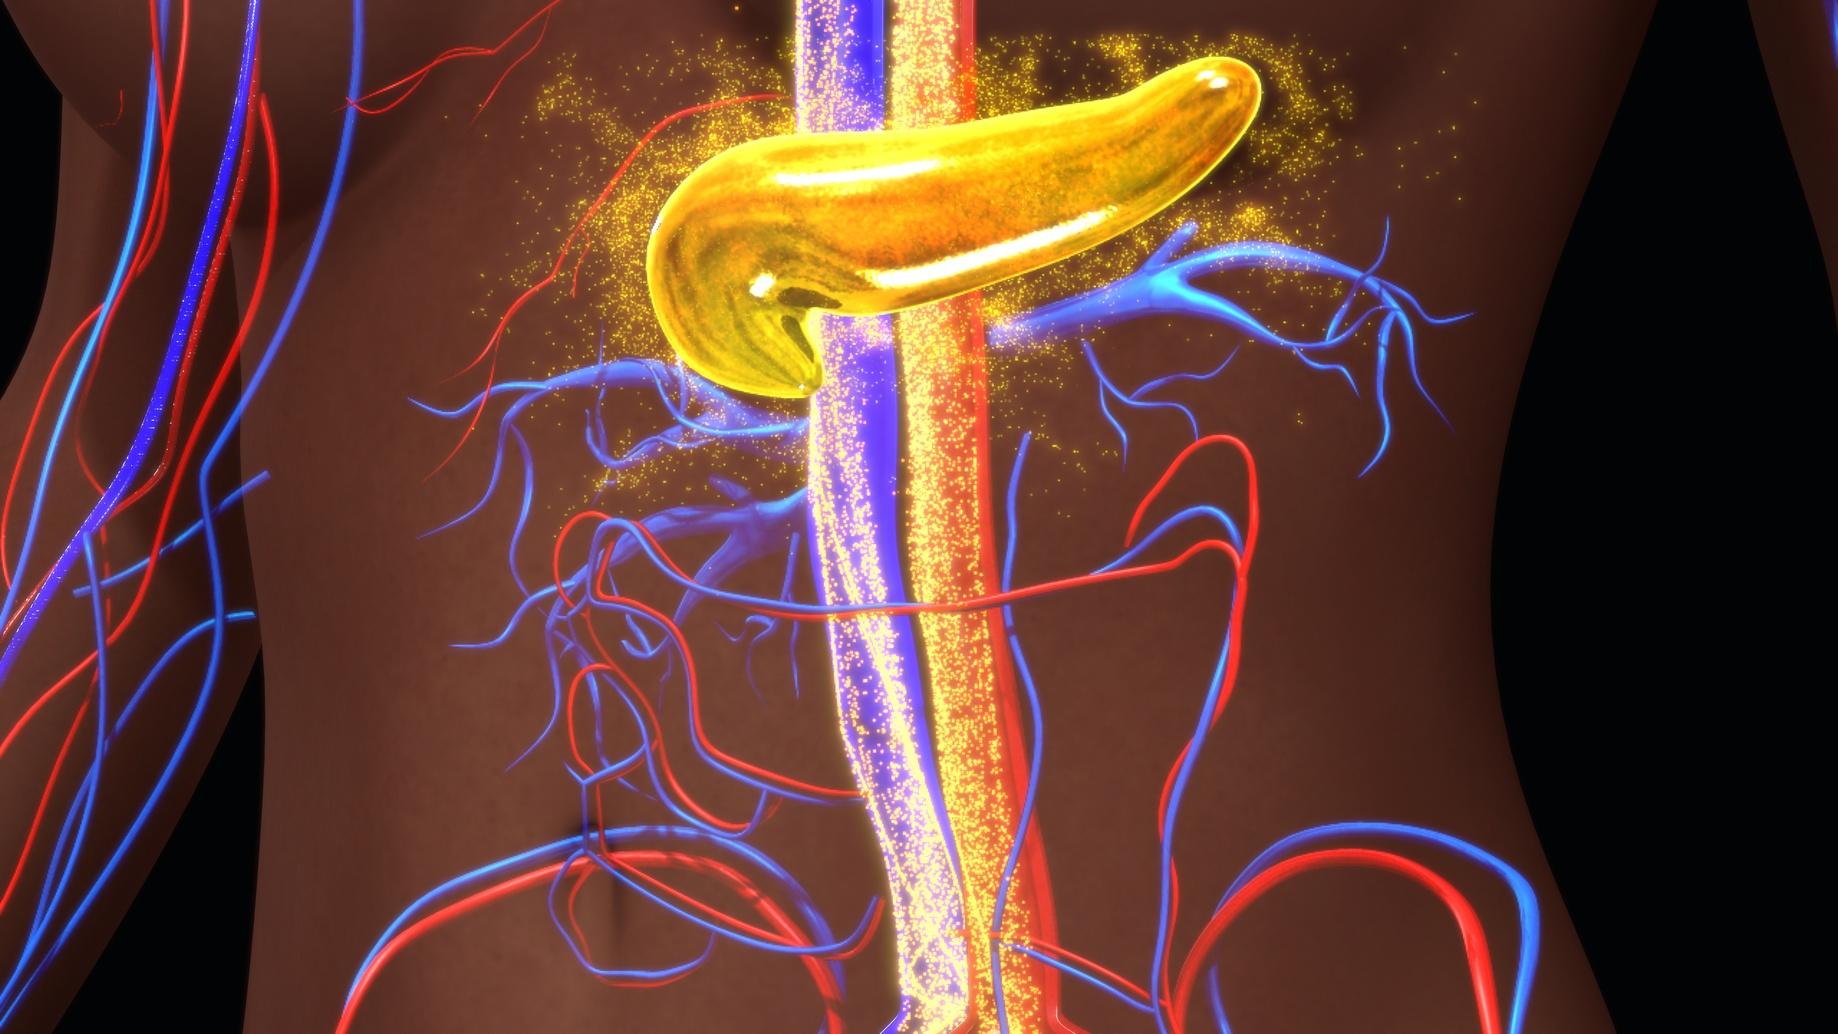 膵臓がんの外科的治療では、手術件数が多い名医ほど治療経過が良い!【米国論文】